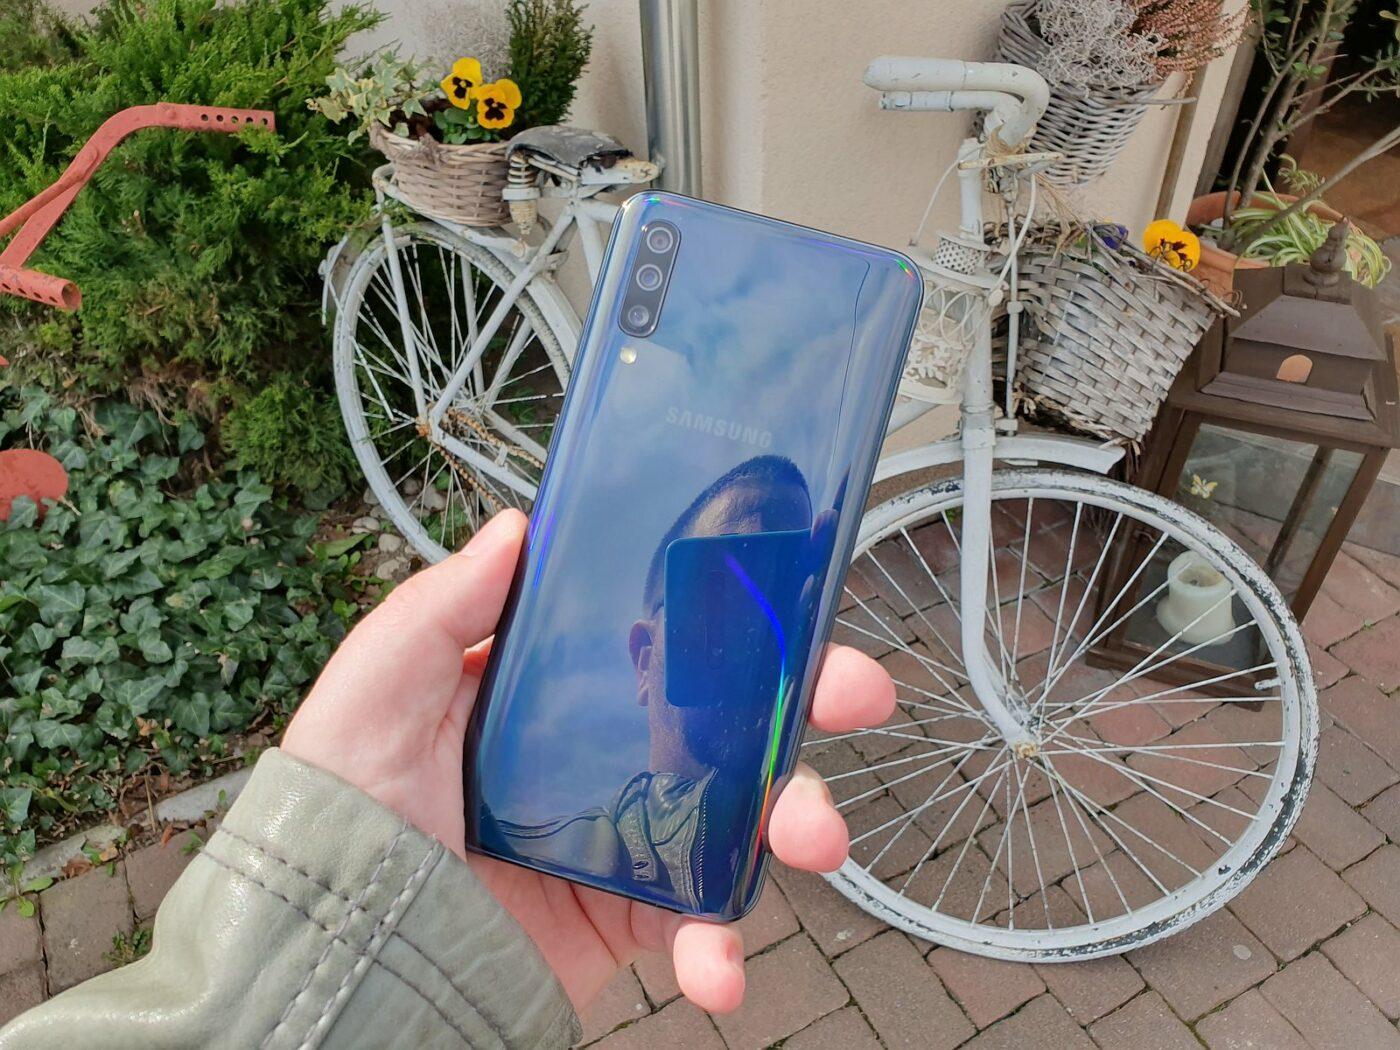 Samsung Galaxy A50 7